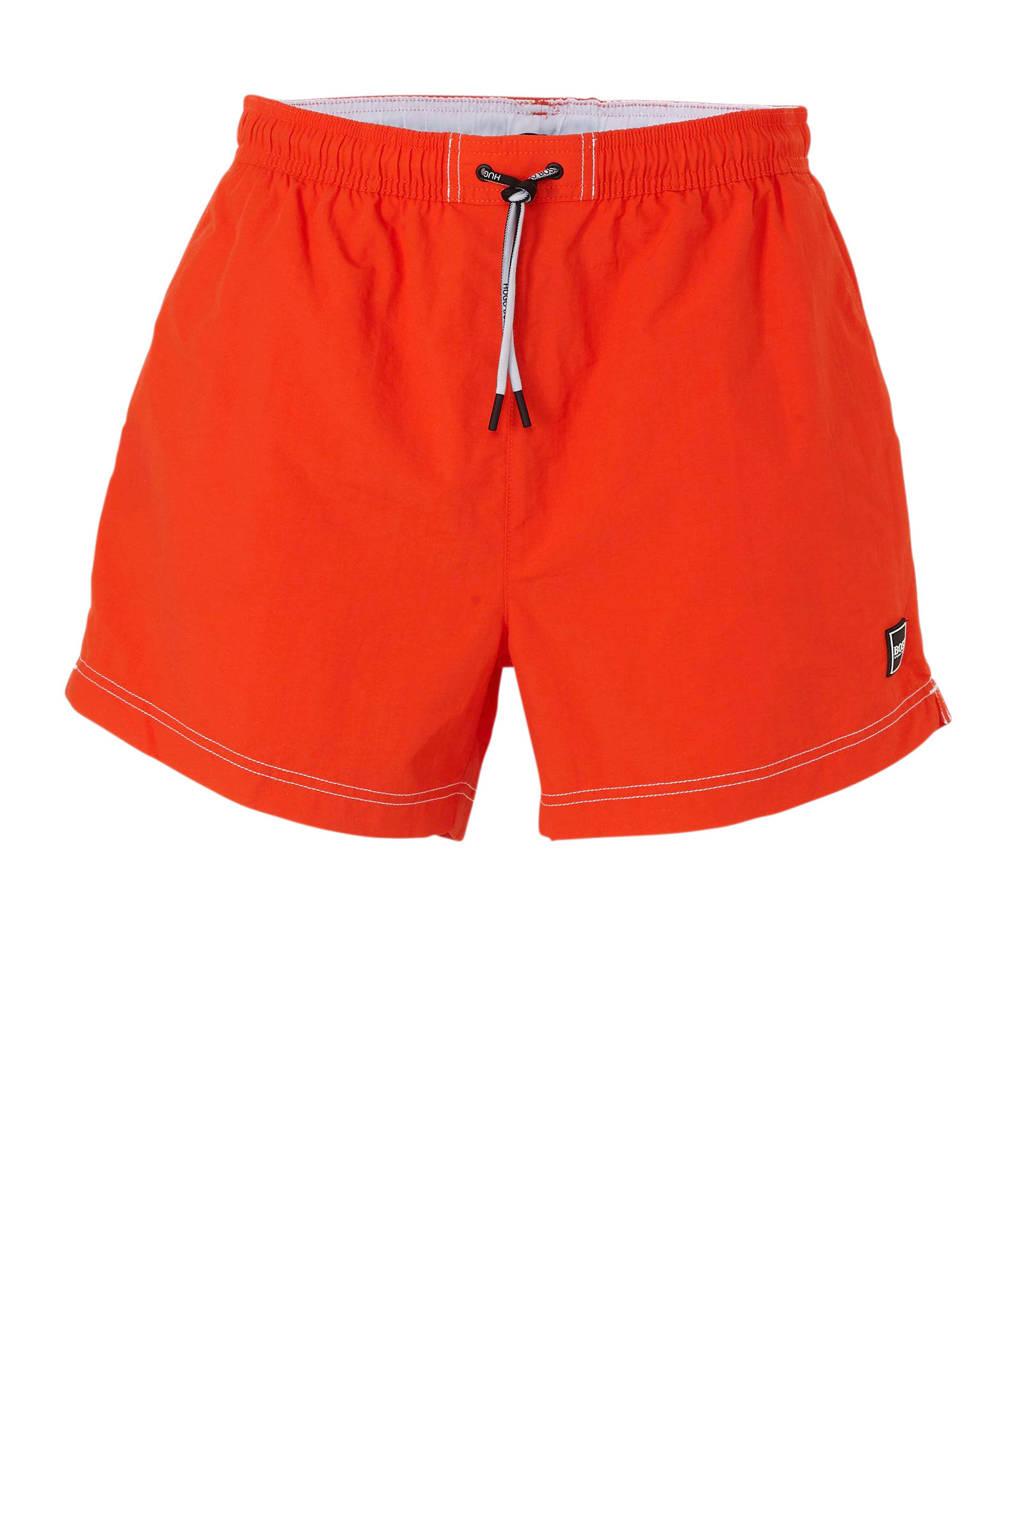 BOSS zwemshort Tuna oranje, Oranje